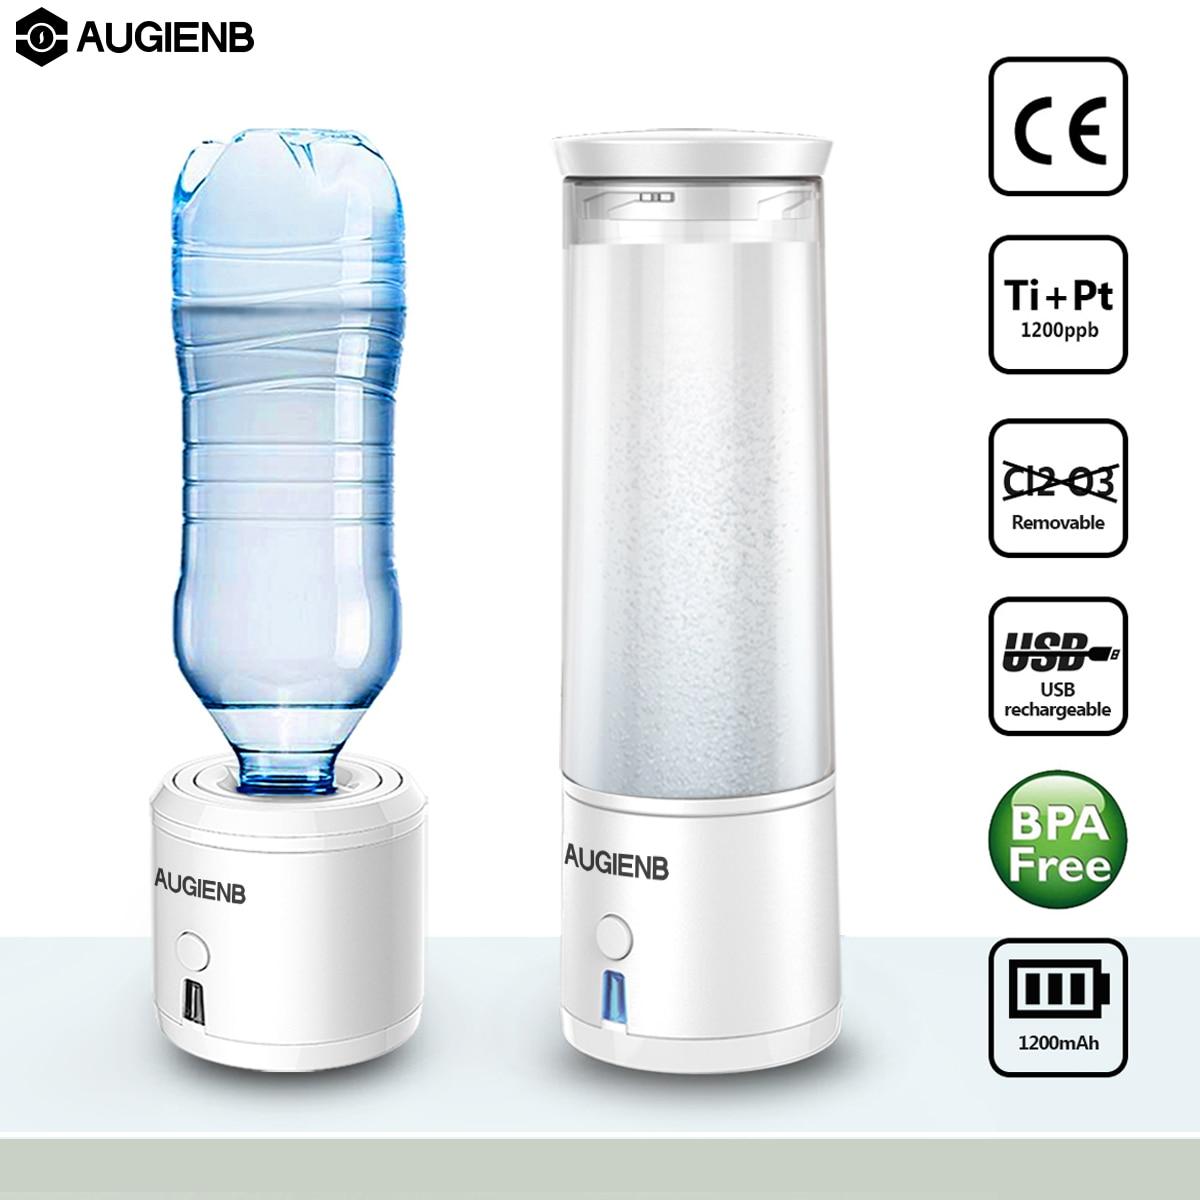 AUGIENB SPE/PEM Membrane H2 Riche ydrogen Bouteille D'eau Électrolyse Ioniseur Générateur USB Rechargeable retrait O3 CL2